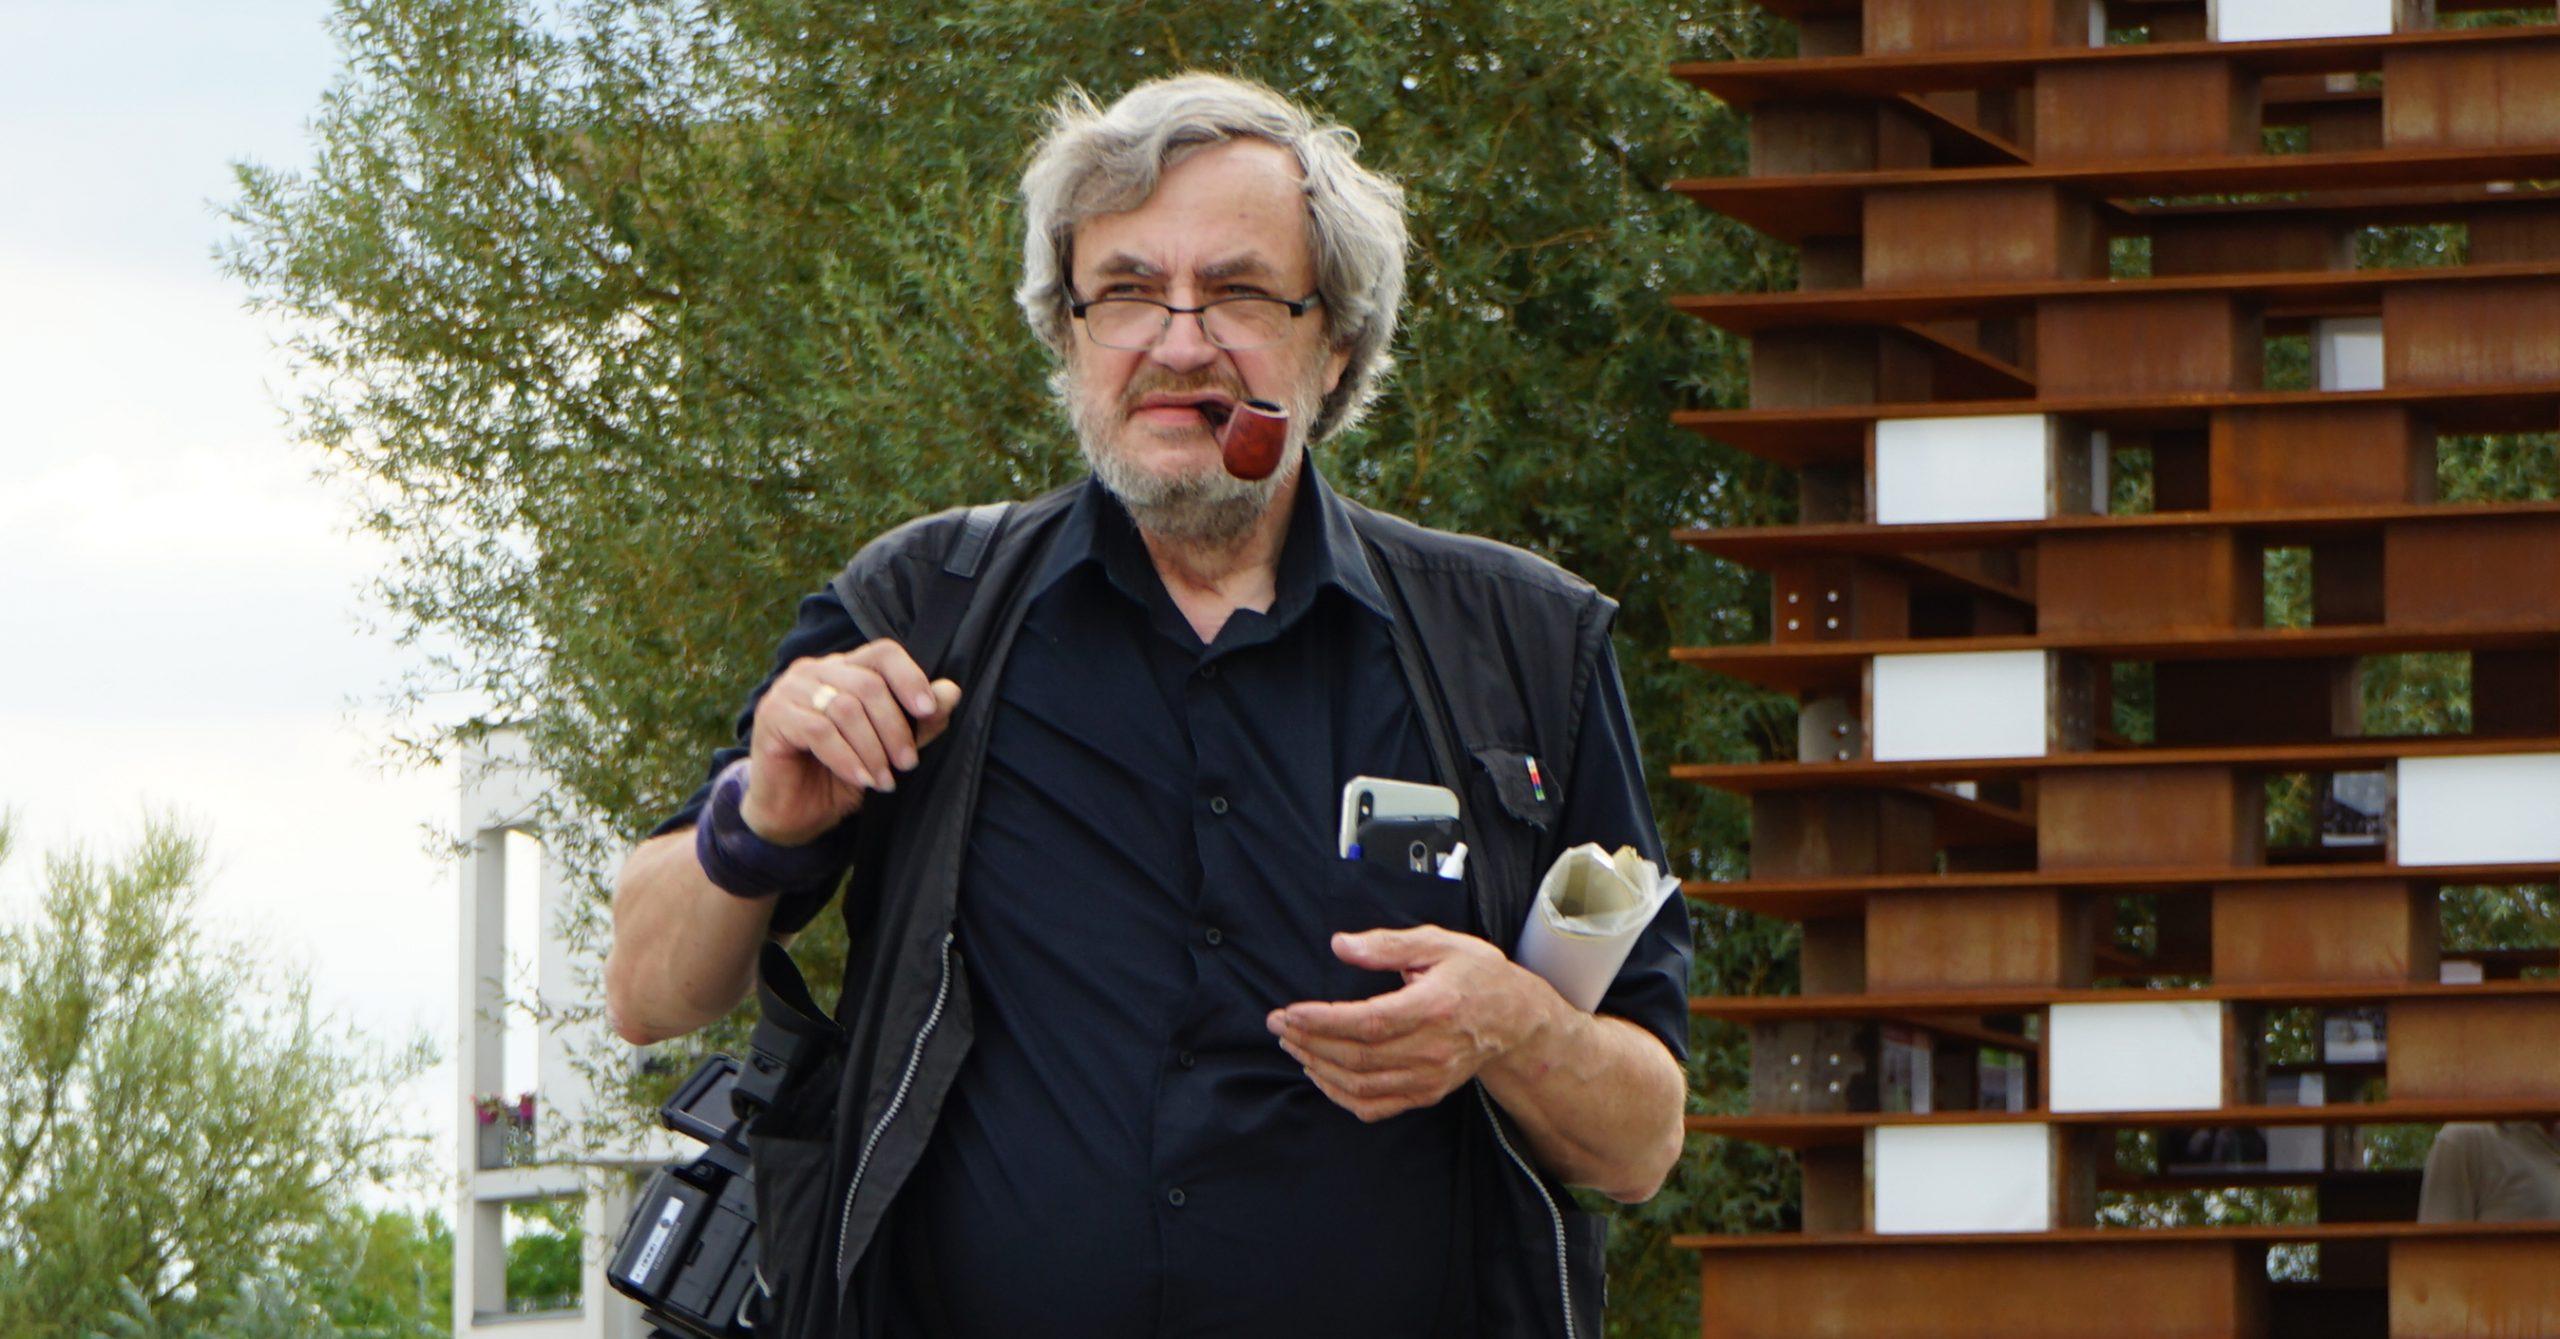 Vorstandsmitglied des Presseclubs Niederrhein und verdienter Journalist:Ulf Maaßen ist tot